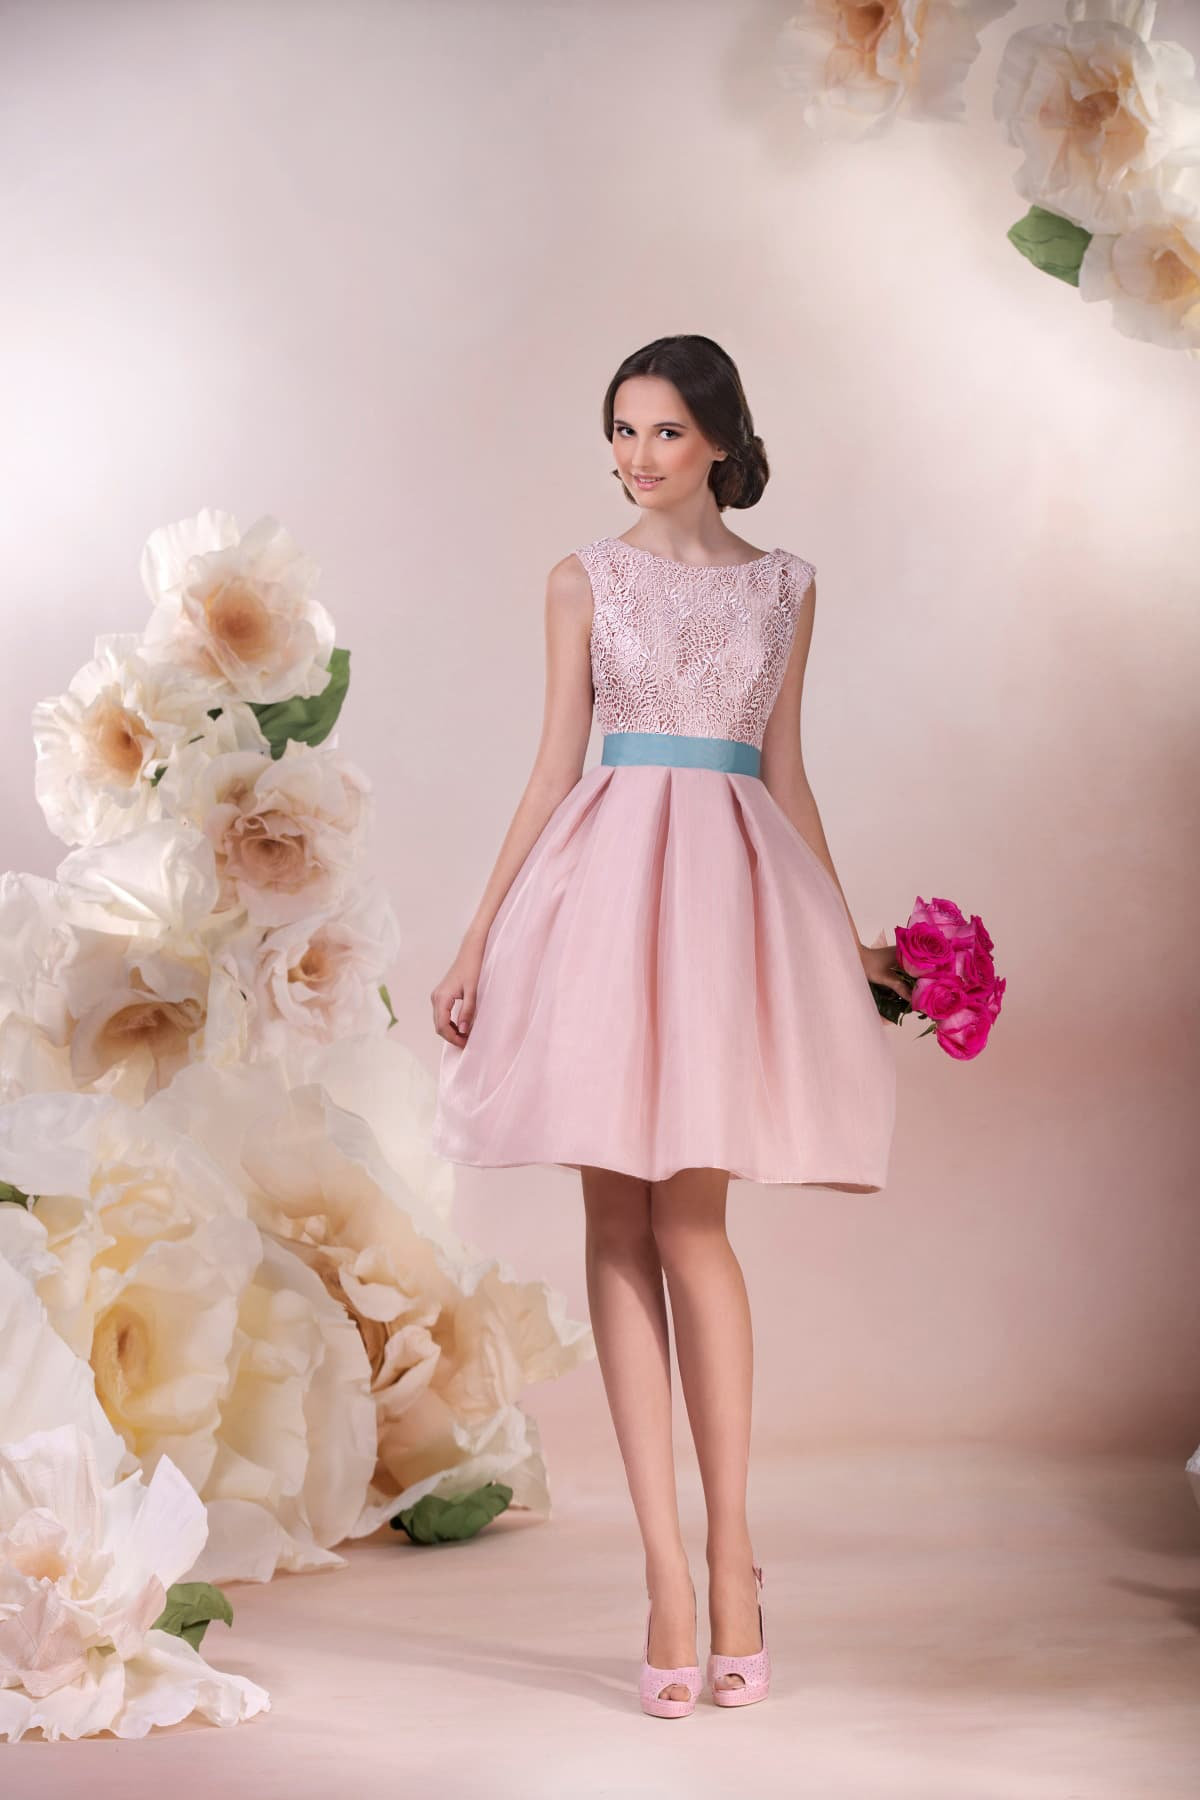 15bfcf48fb3 Короткое свадебное платье розового цвета с широким бирюзовым поясом и  вышивкой на лифе.